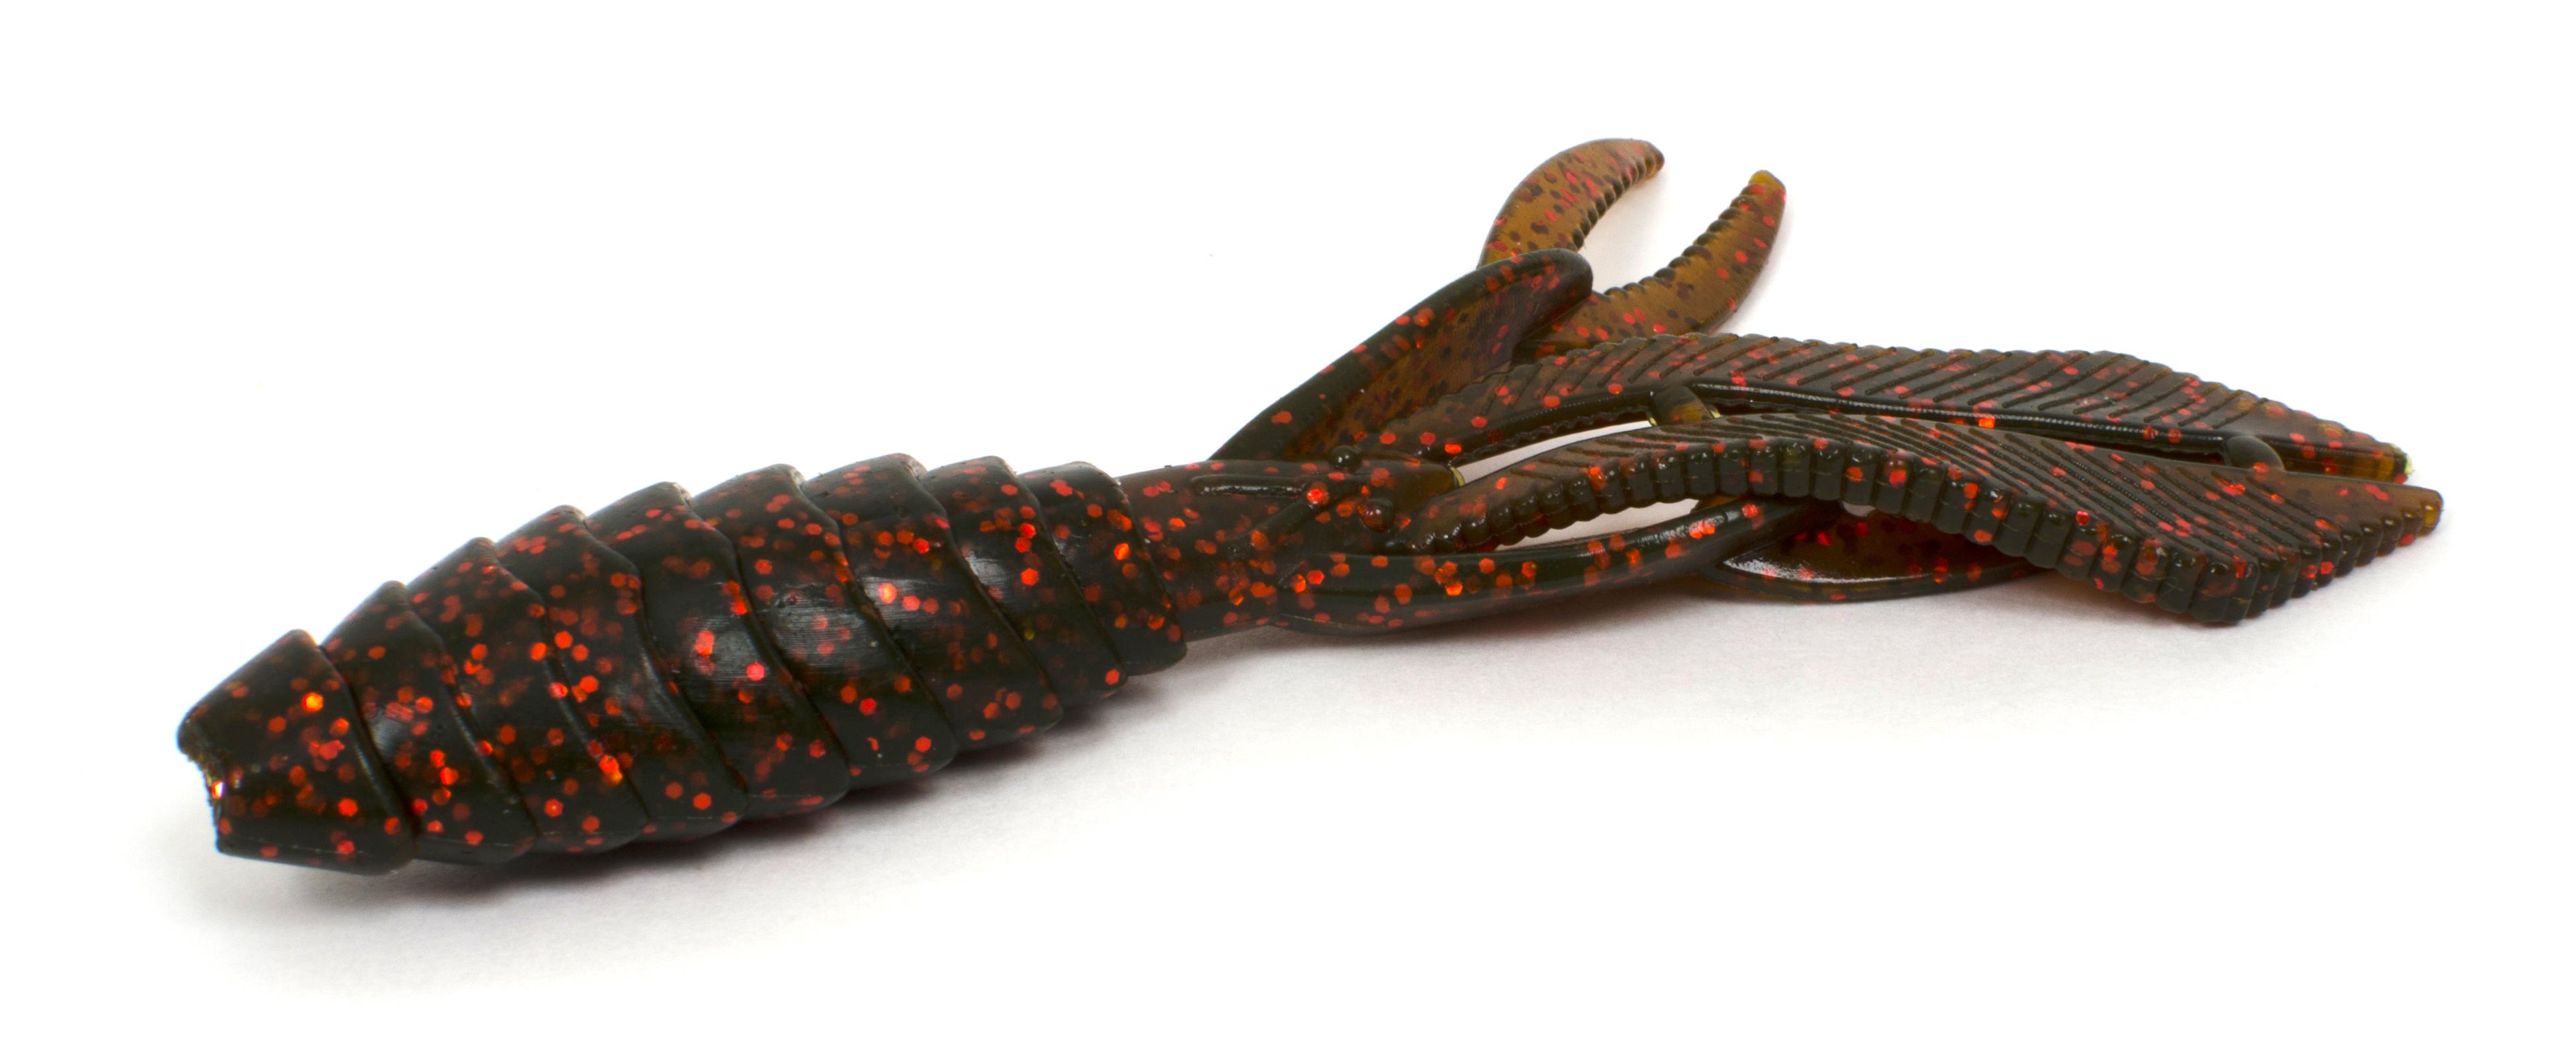 Приманка Yoshi Onyx Brood Leap 130мм цвет 02, съедобная (упак. 6шт.) (95333)Мягкие приманки<br>Впечатляющее членистоногое существо от Yoshi Onyx – Brood Leap. Это ракообразное из съедобного силикона - весомый выбор для основательной рыбалки. Глубокая, с основательным укрытием, яма, волнующее предчувствие выходящего за рамки грандиозного события – б...<br>